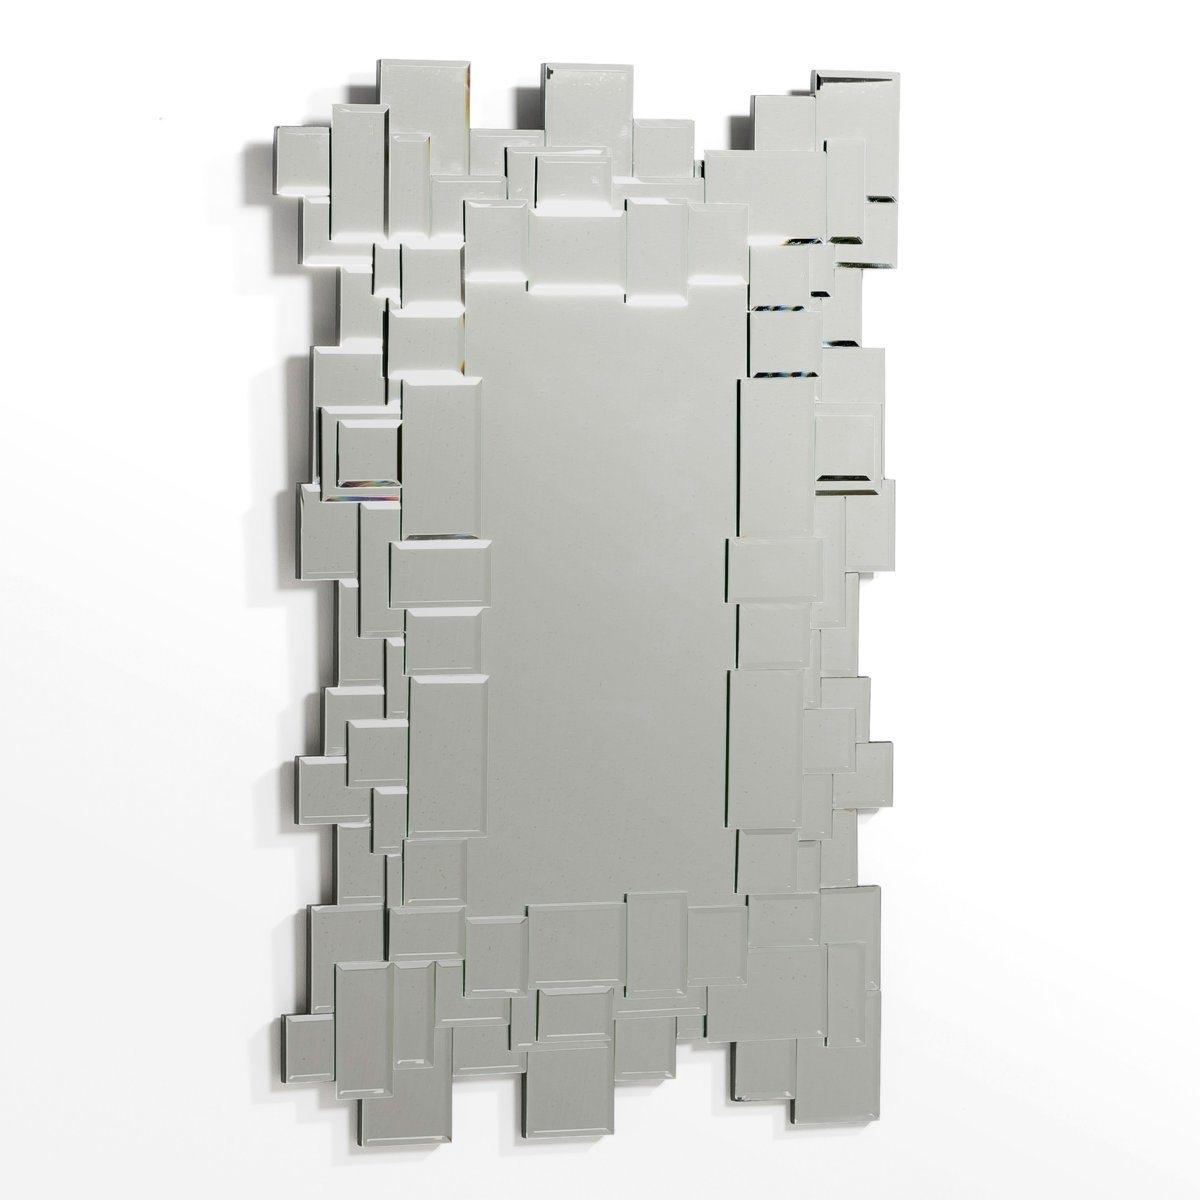 Зеркало Д50 x В80 см, HamletЗеркало Hamlet. Контурная отделка из цветной зеркальной мозаики, великолепный визуальный эффект, создающи игру световых бликов. Зеркальное стекло, задник из МДФ. Размеры  : Шир..50 x Г.1,3 x В.80 см.<br><br>Цвет: безцветный